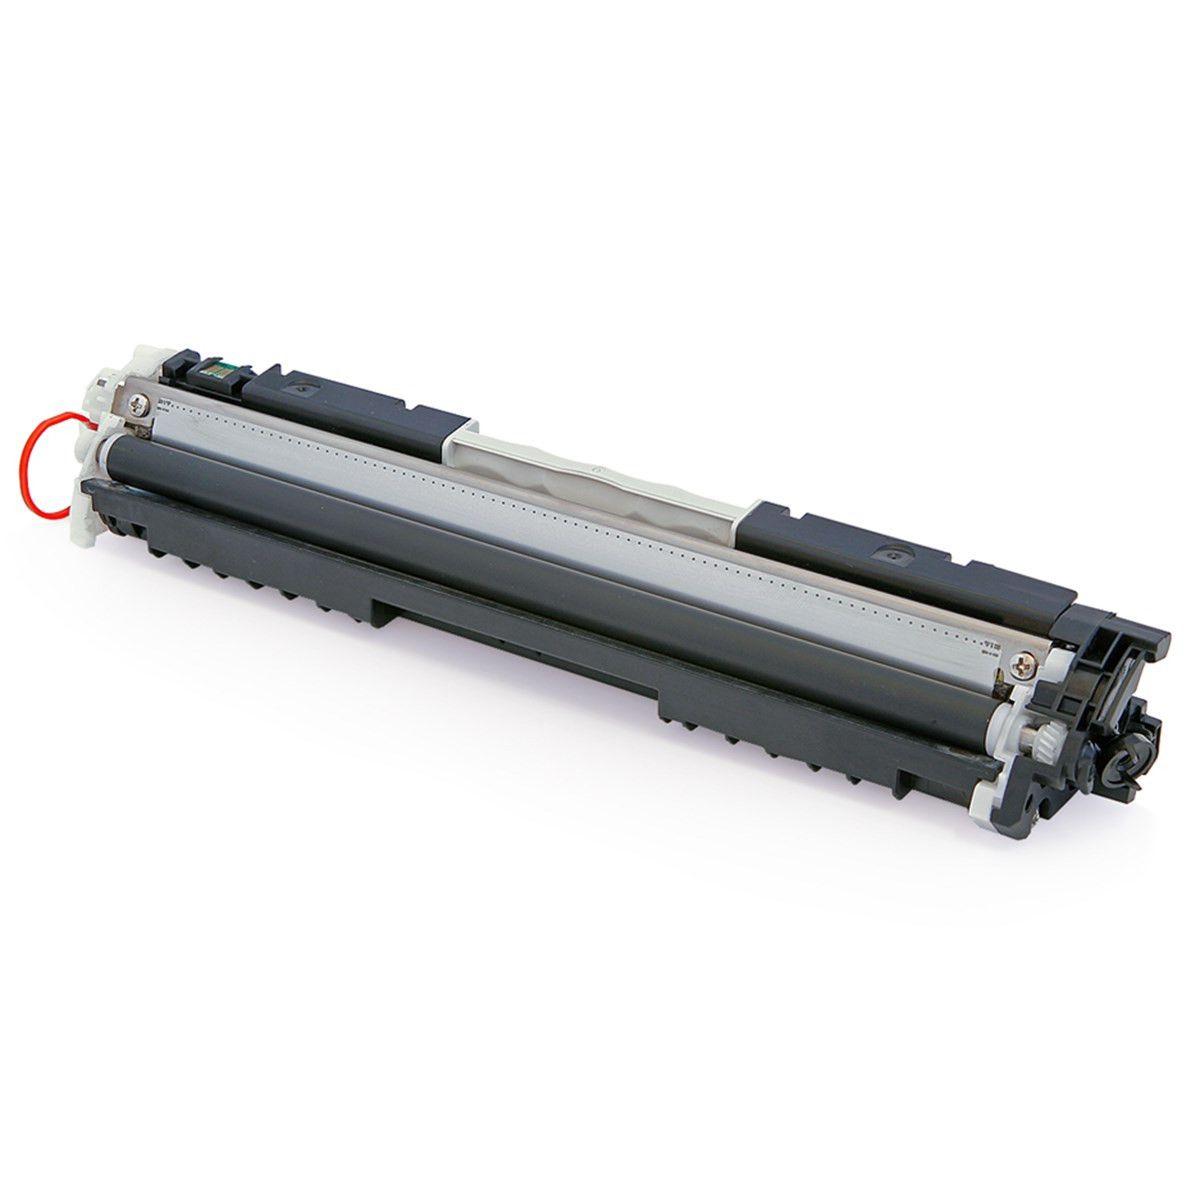 Toner Compatível com HP CF353A Universal Magenta 1.000 Páginas - Cartucho & Cia